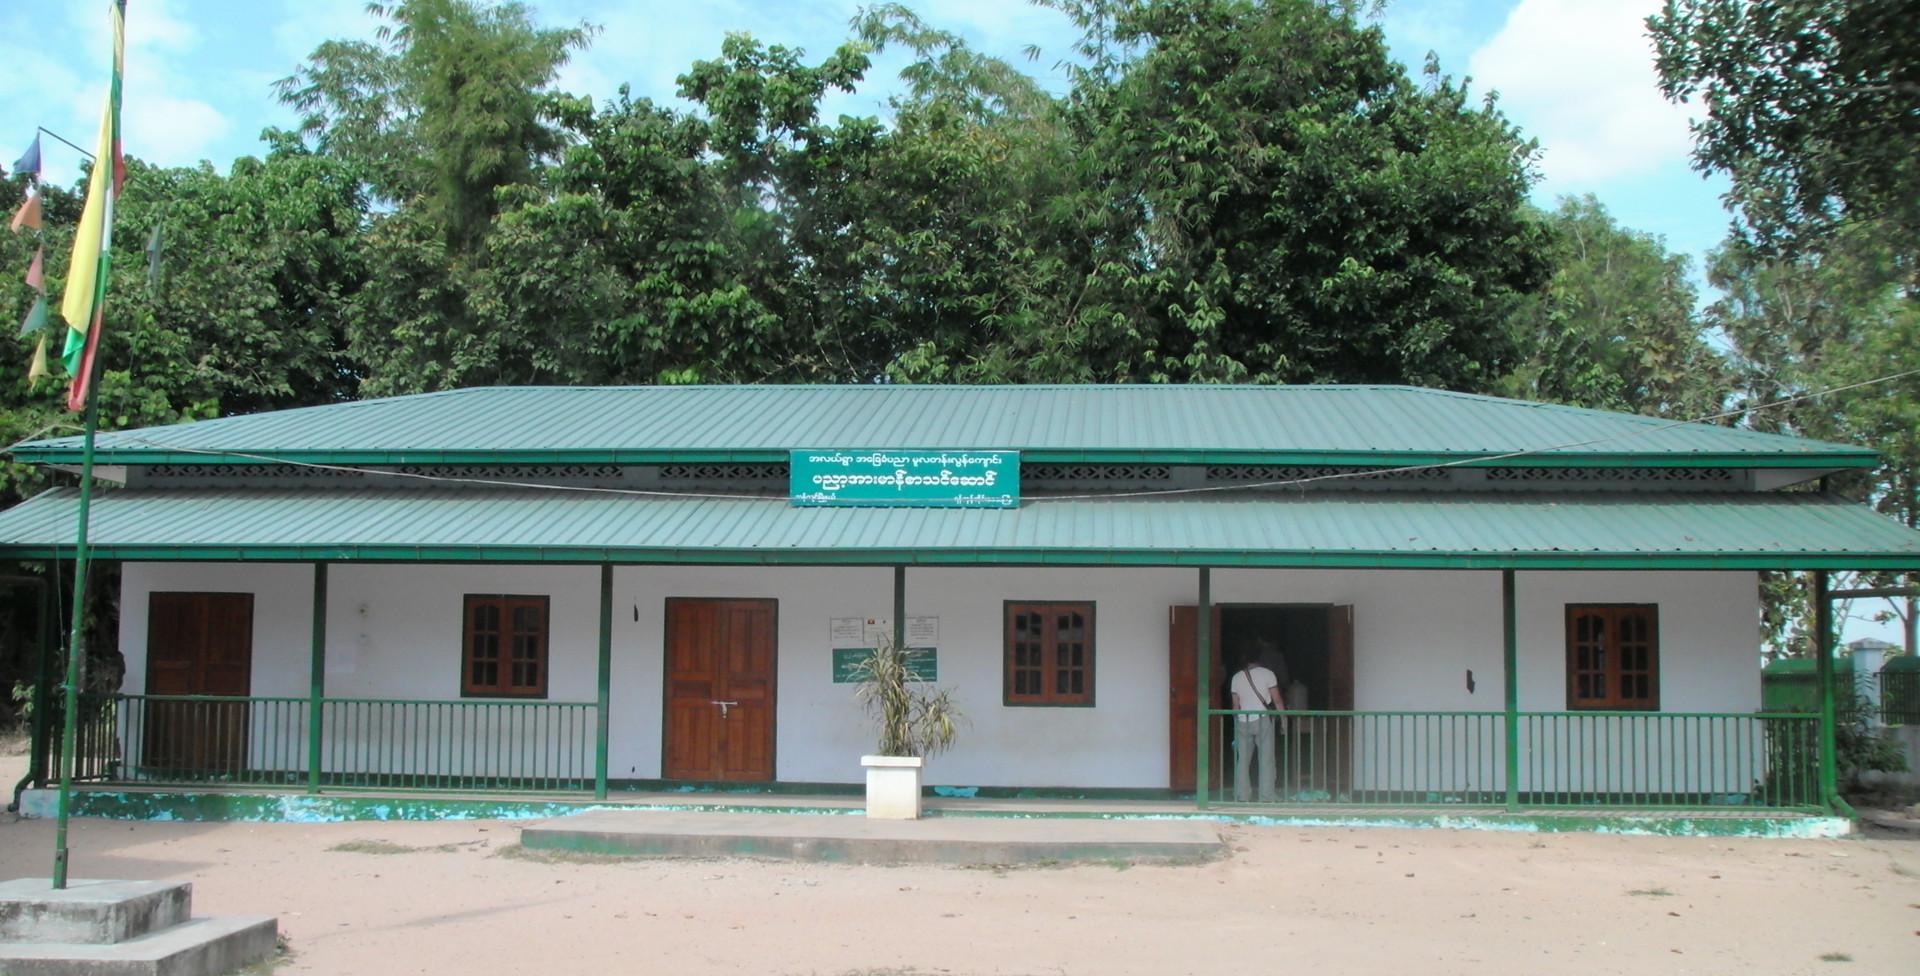 미얀마 아레요아 학교 (건축) 전경 (1).JPG